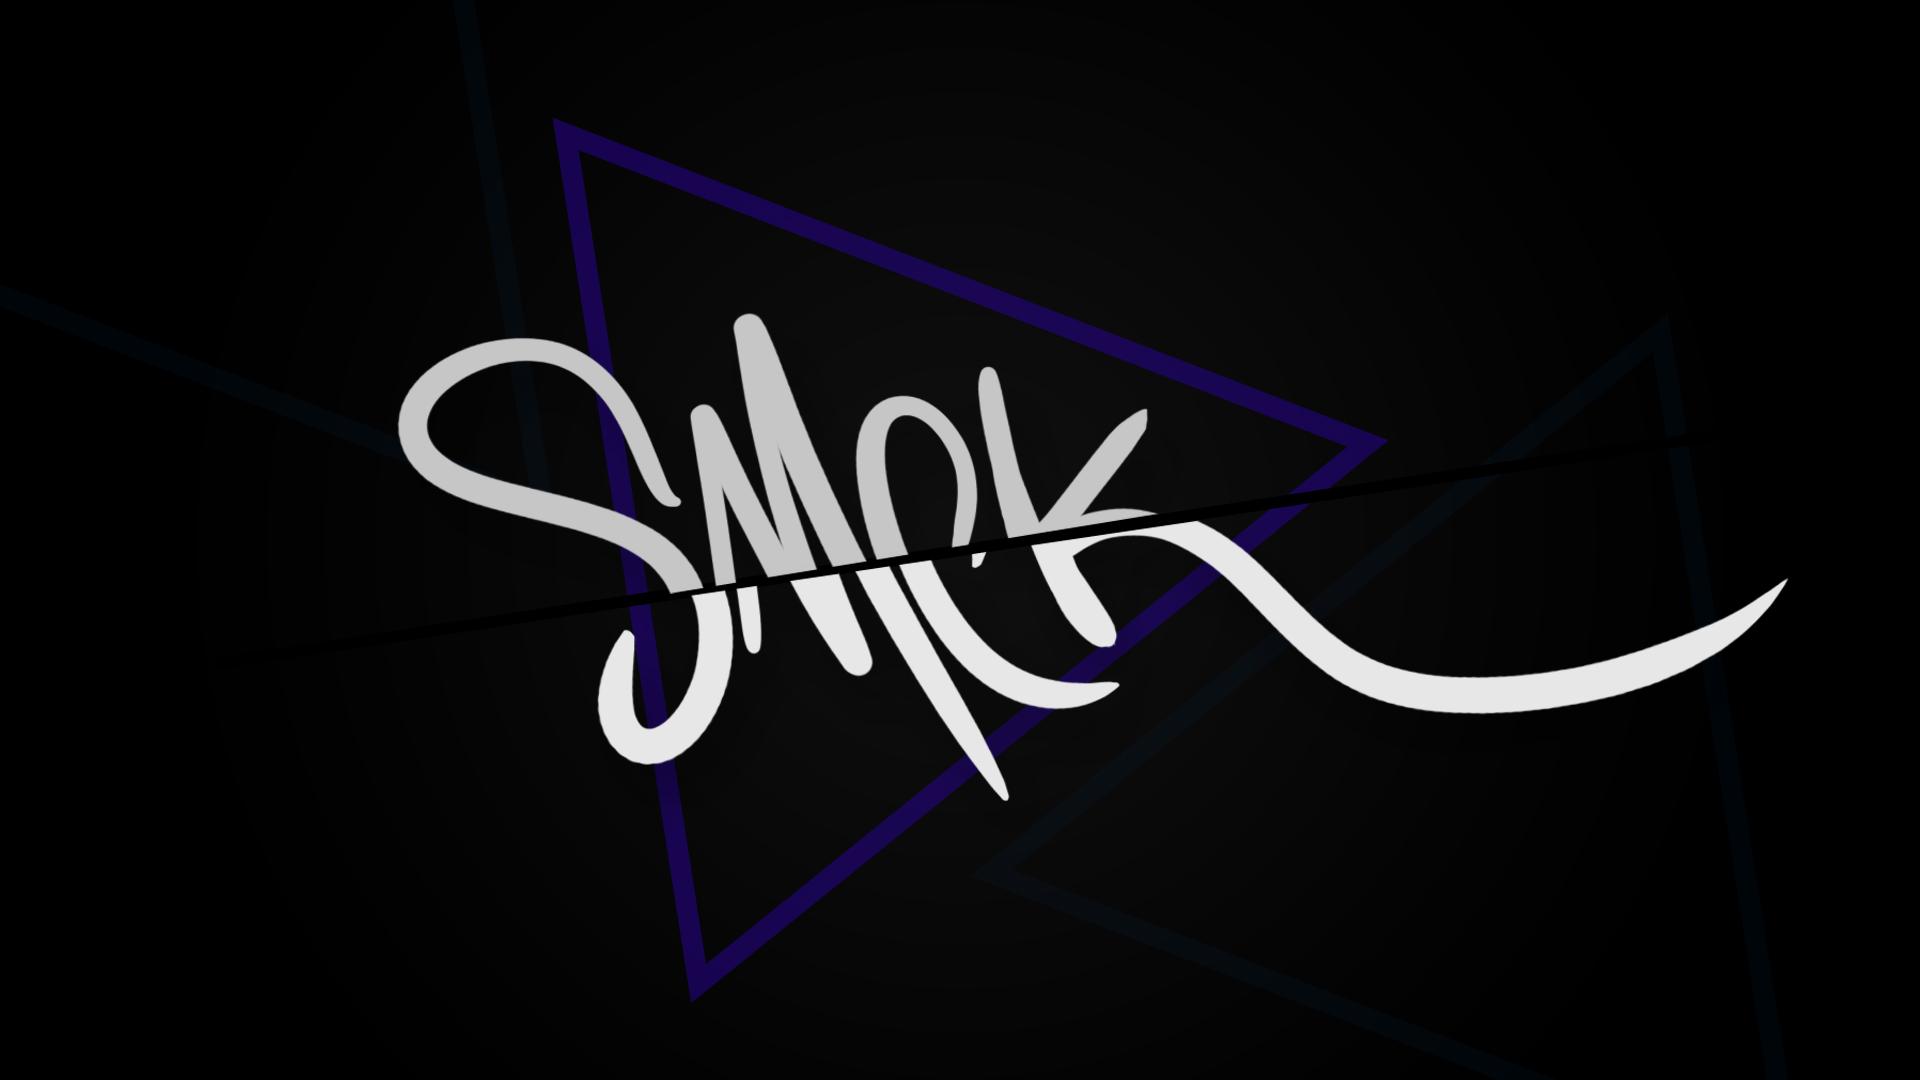 smckdesign's Signature